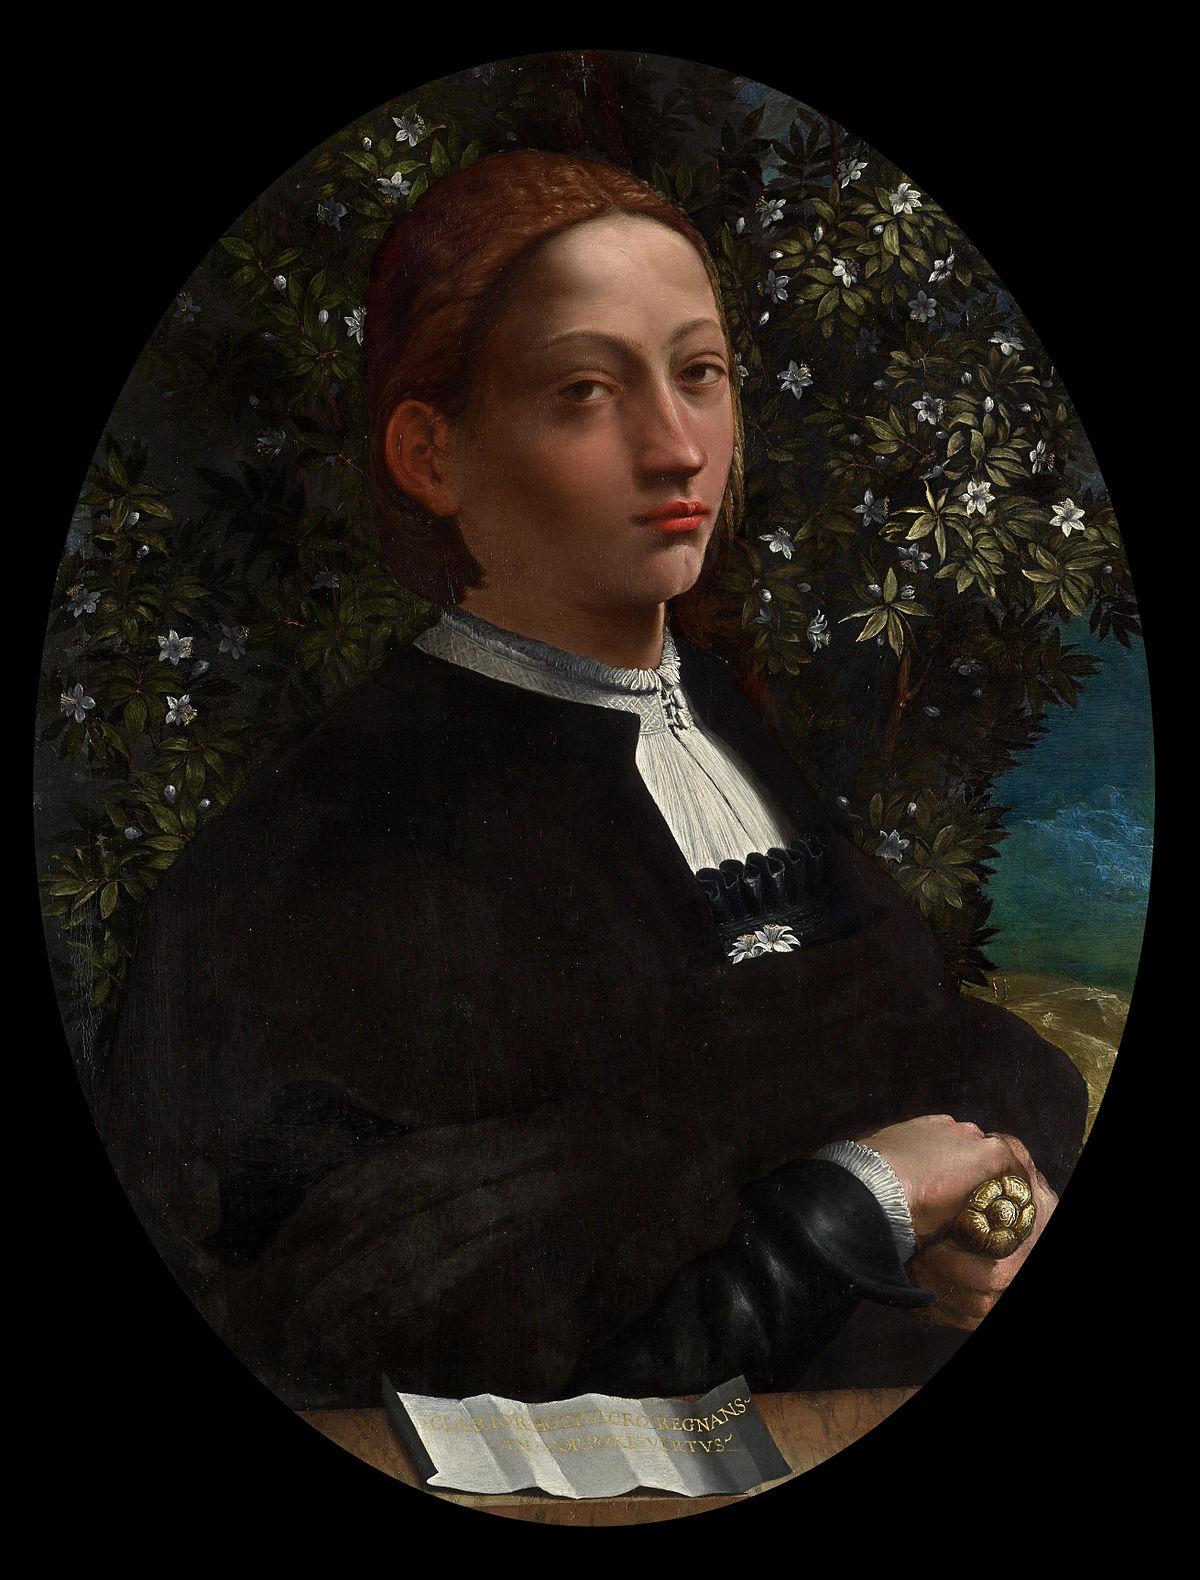 Lucrezia Borgia - Wikipedia